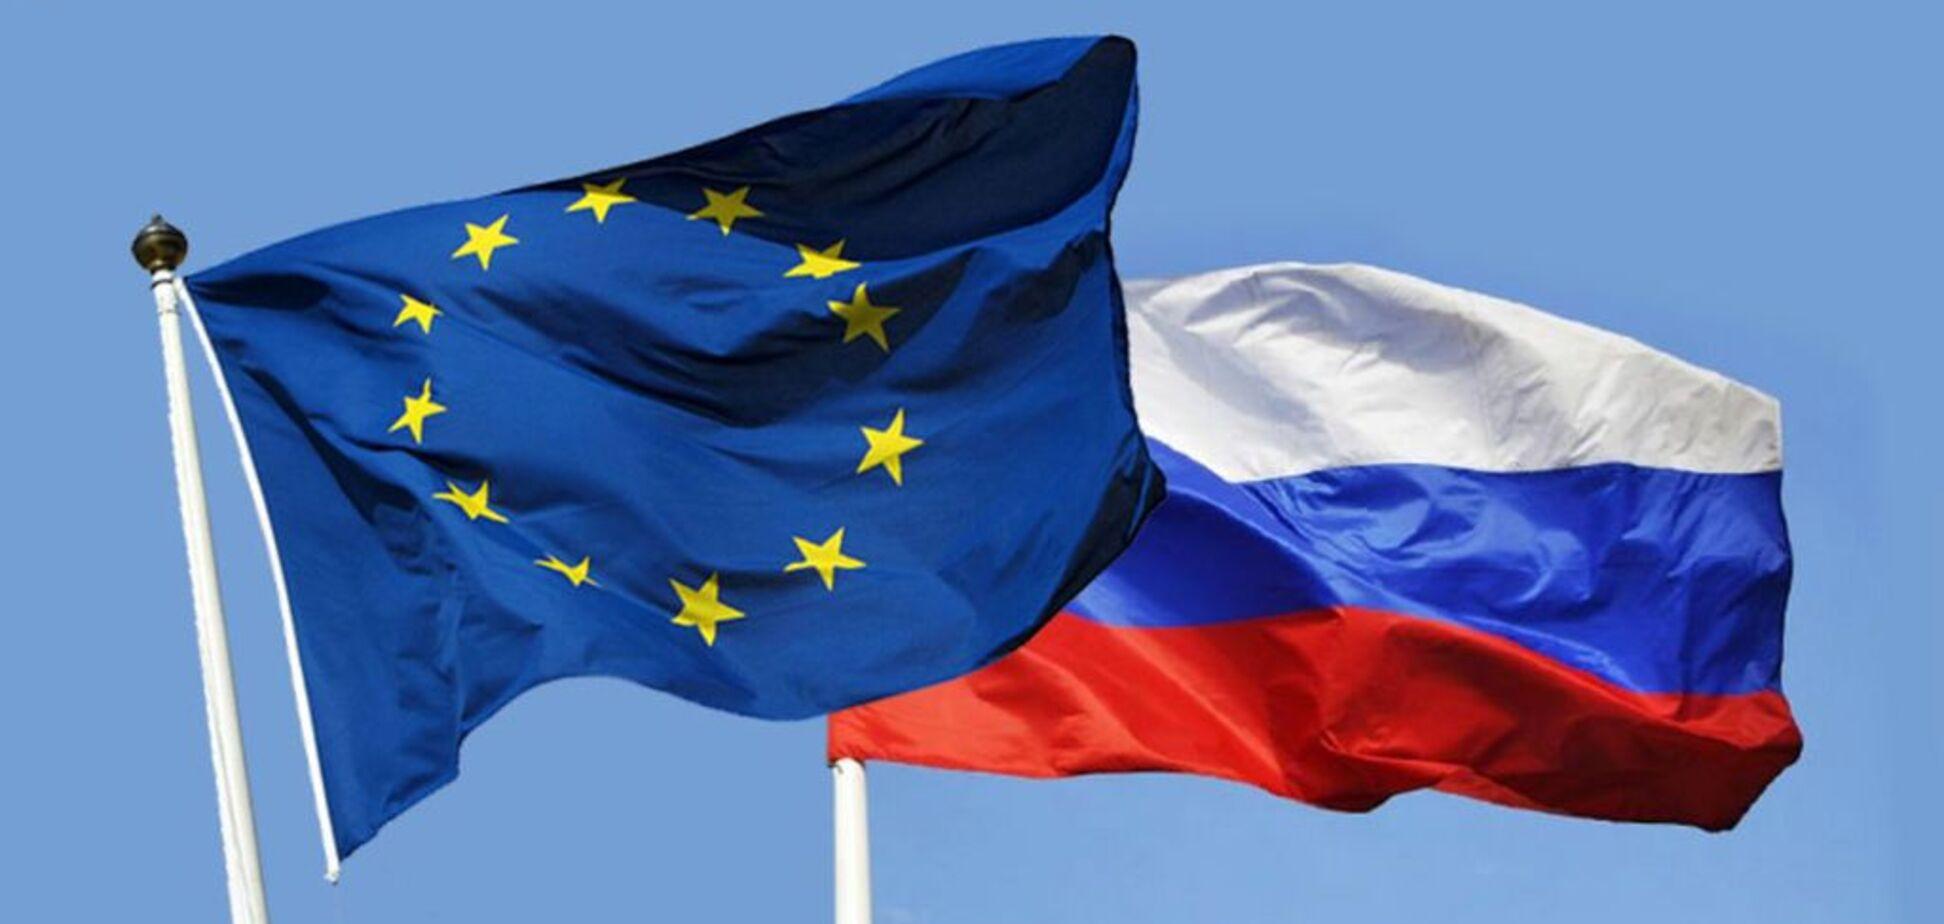 ''Угроза нарастает'': в стране ЕС забили тревогу из-за России